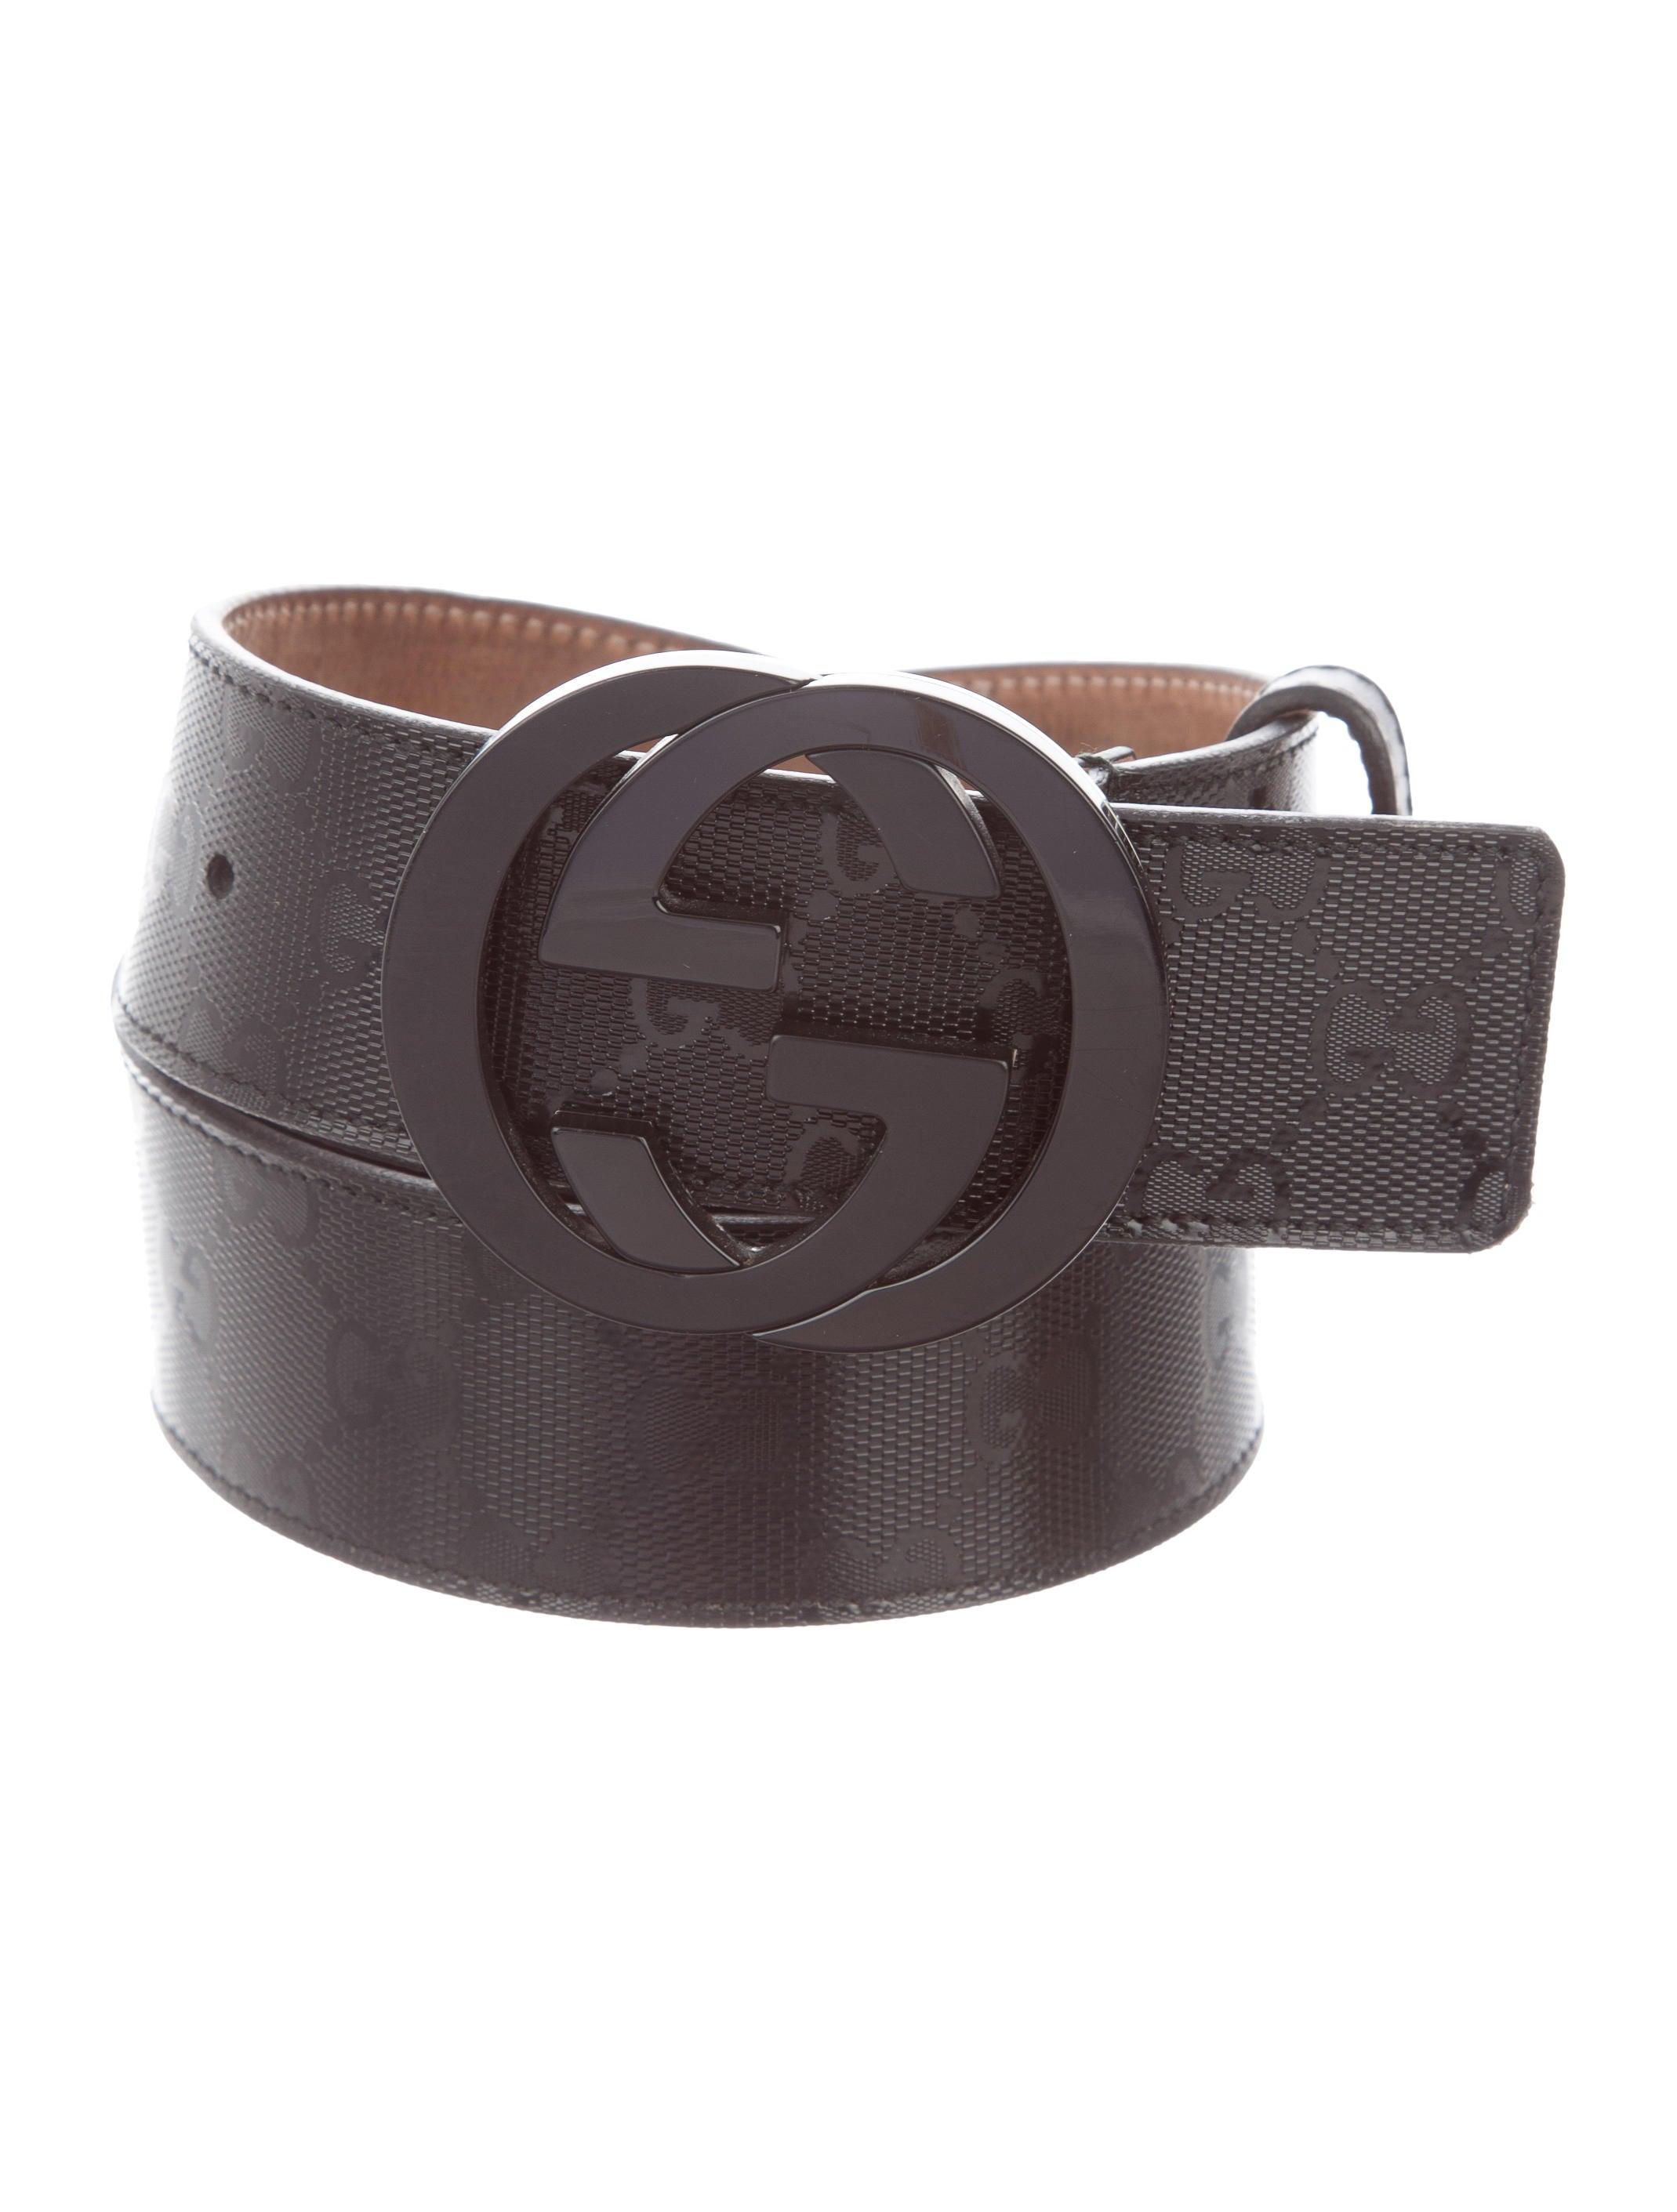 a6cf8062996 Gucci Imprimé GG Belt - Accessories - GUC185989